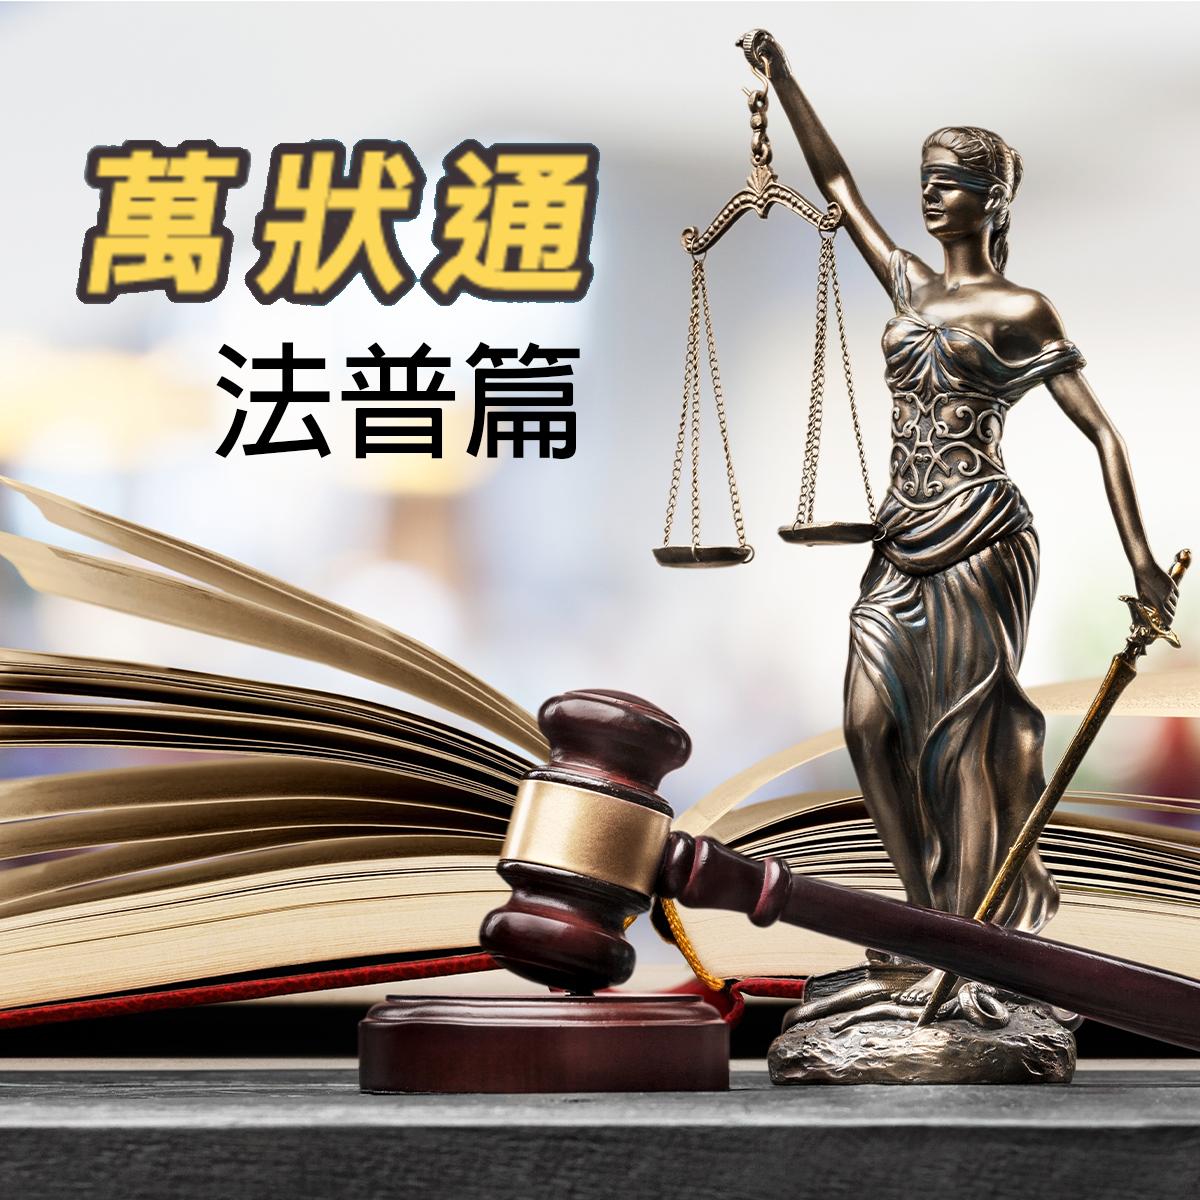 EP6【雷公尛 ⚖️ 法律】網購退貨法律、客製化法規一聽秒懂💁🏻♀️ 里長律師的許願黑蠟燭 之 如何定義宗教詐欺(下集)